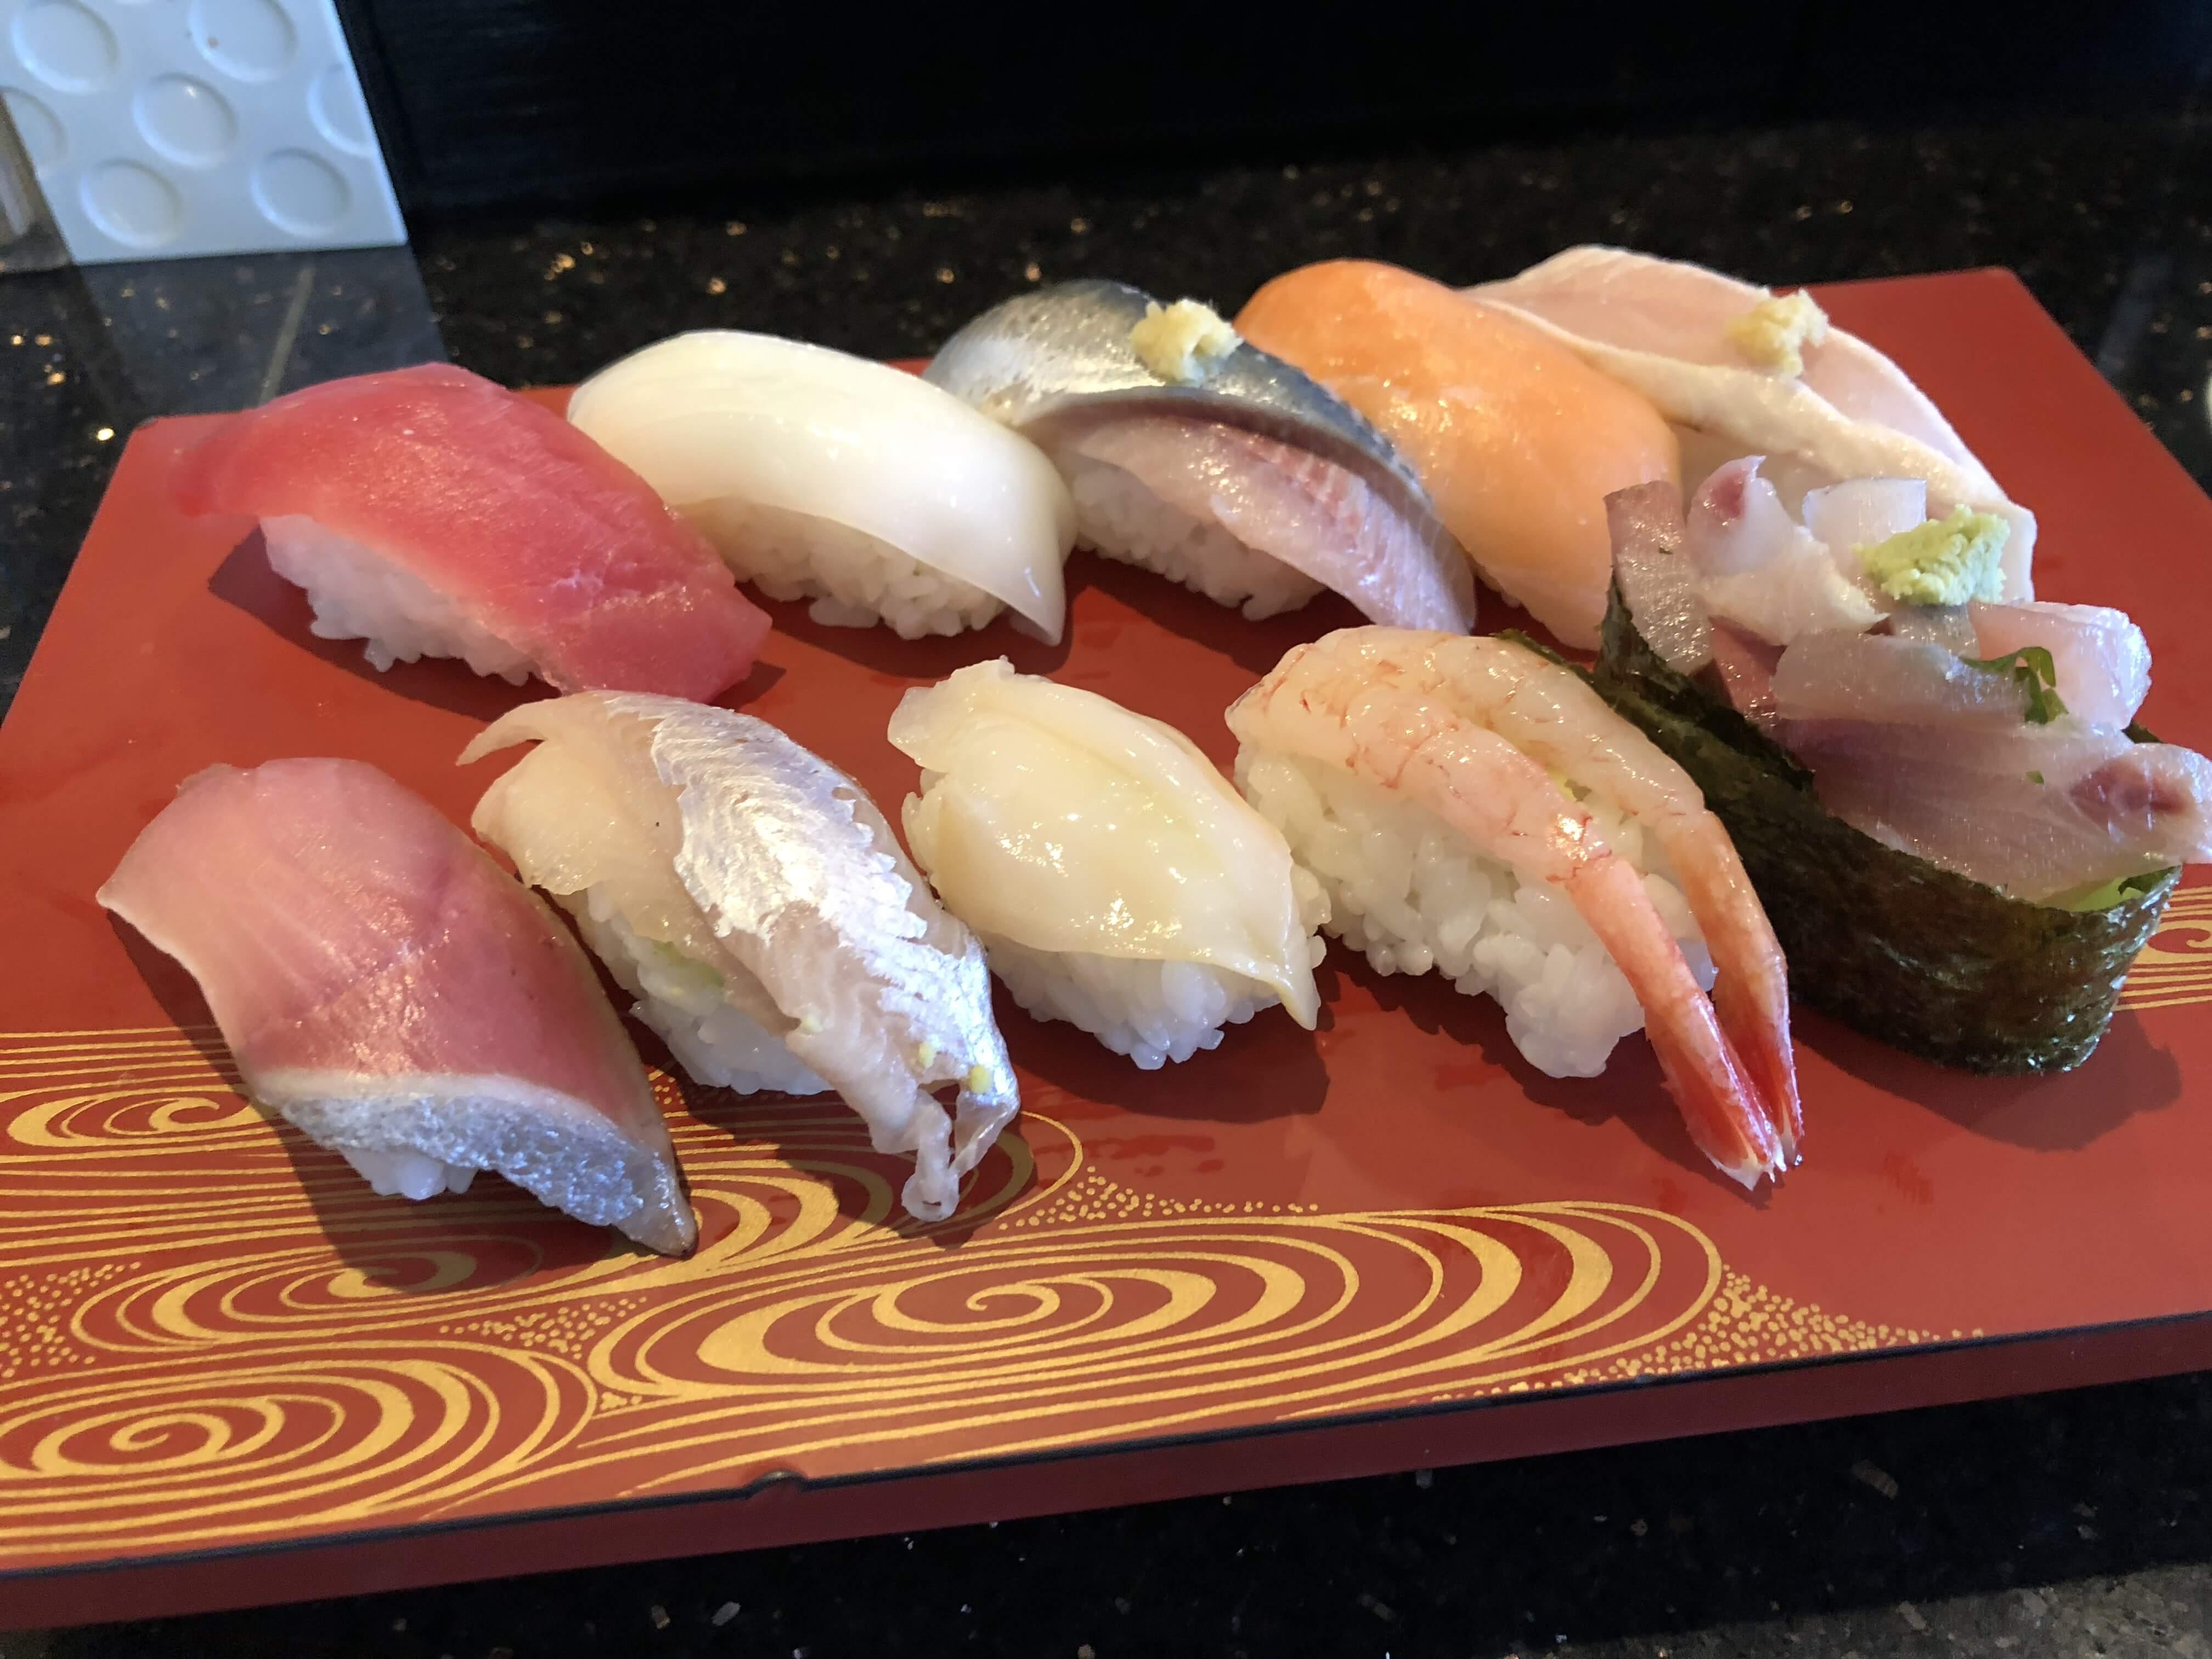 泉丘のオシャレ回転寿司『左衛門』のお得な寿司ランチ